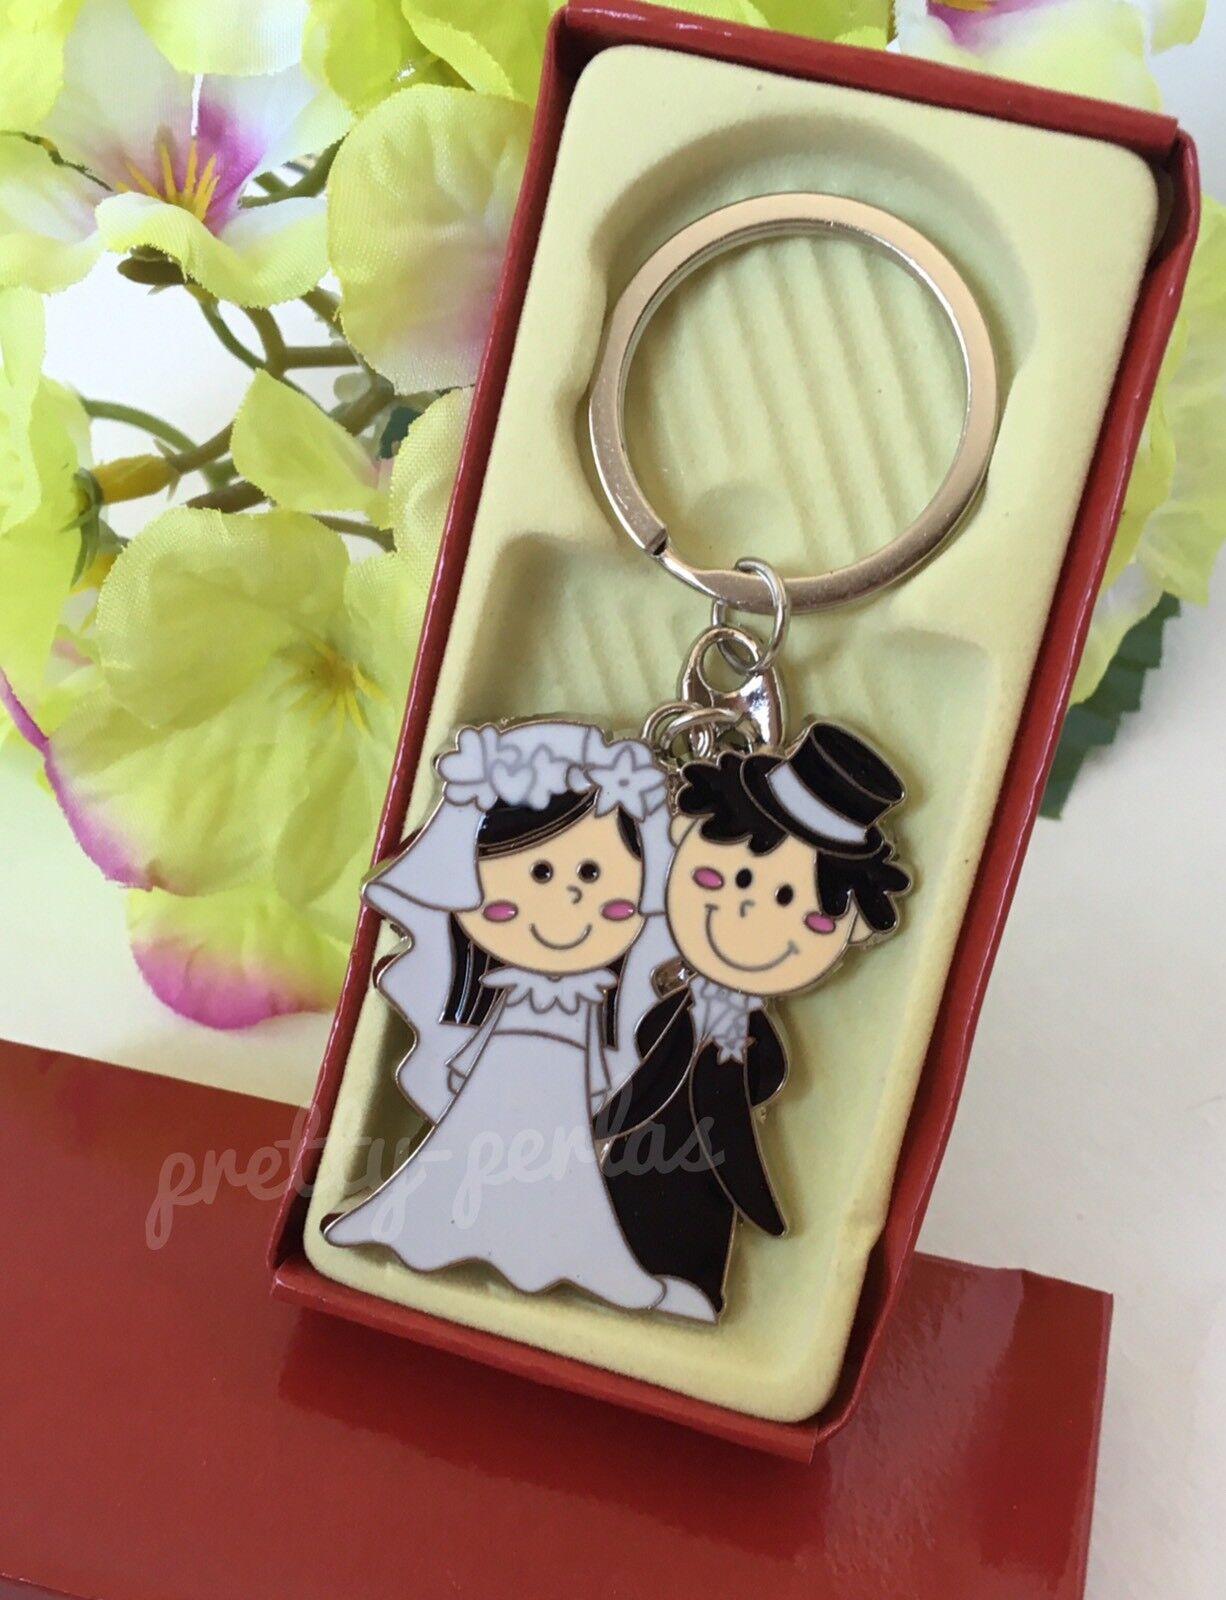 12-mariage faveurs couple fête cadeaux faits Keychains-llaveros Recuerdos de Boda